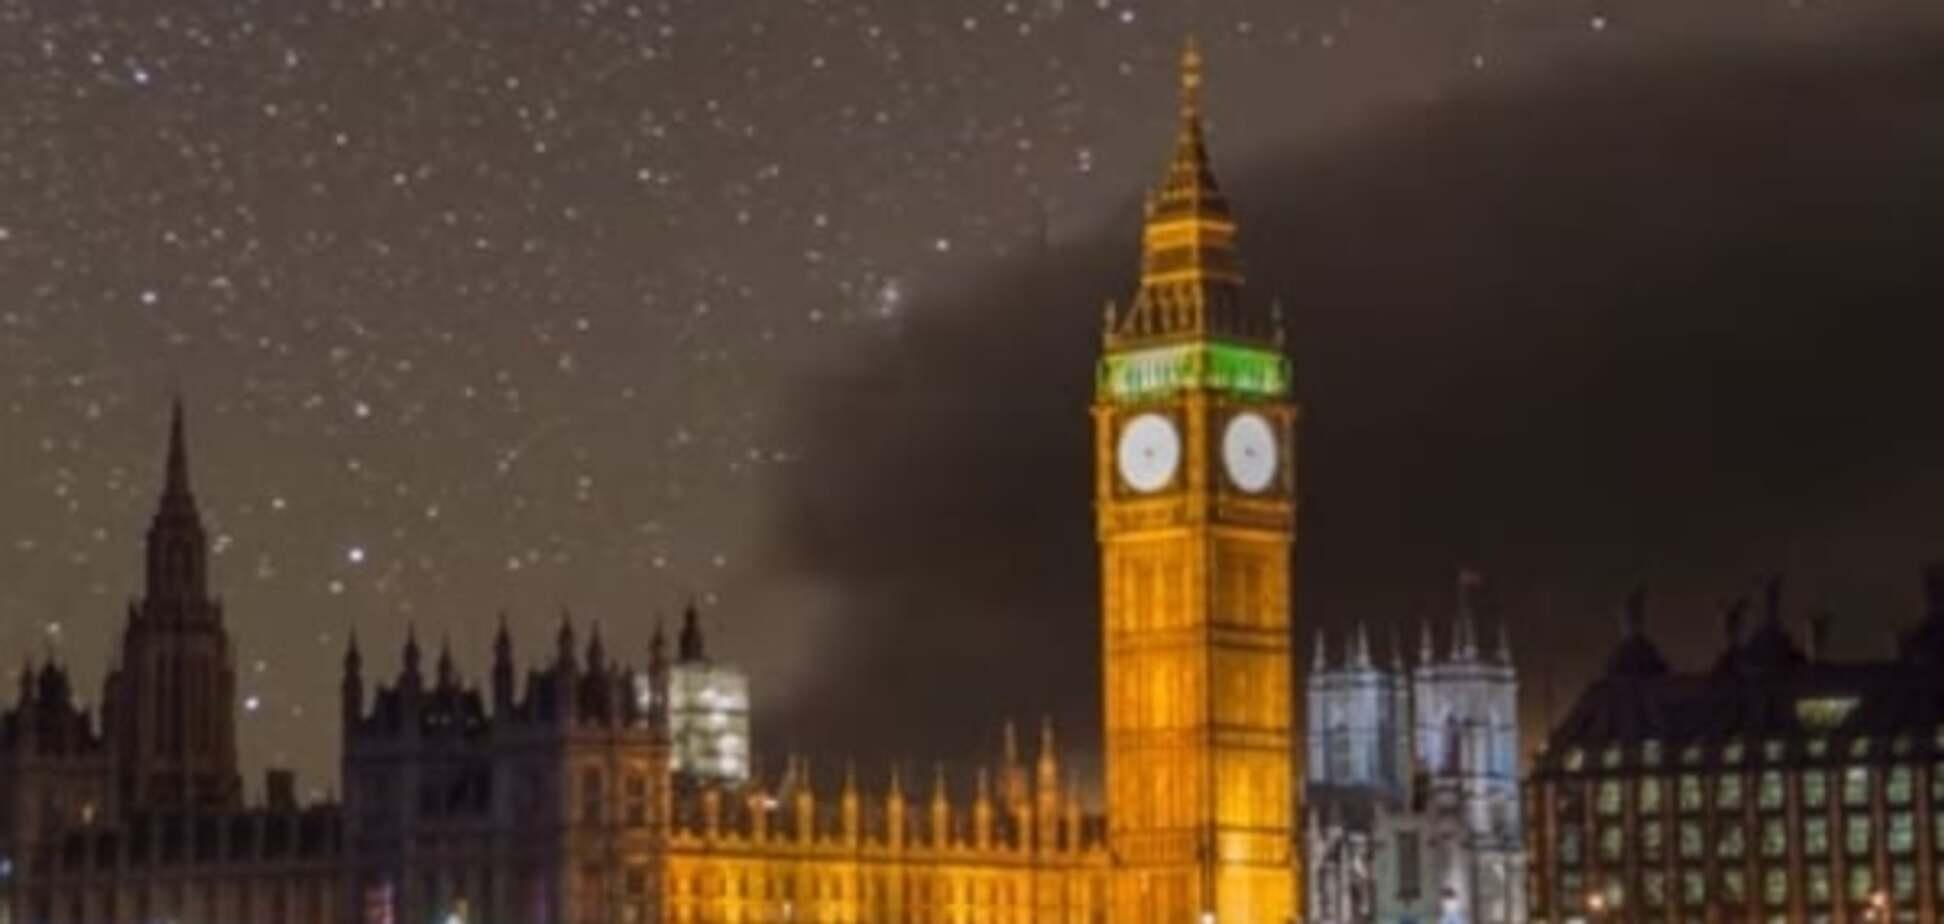 Мегаполисы в сиянии звезд: в сети появилось уникальное видео